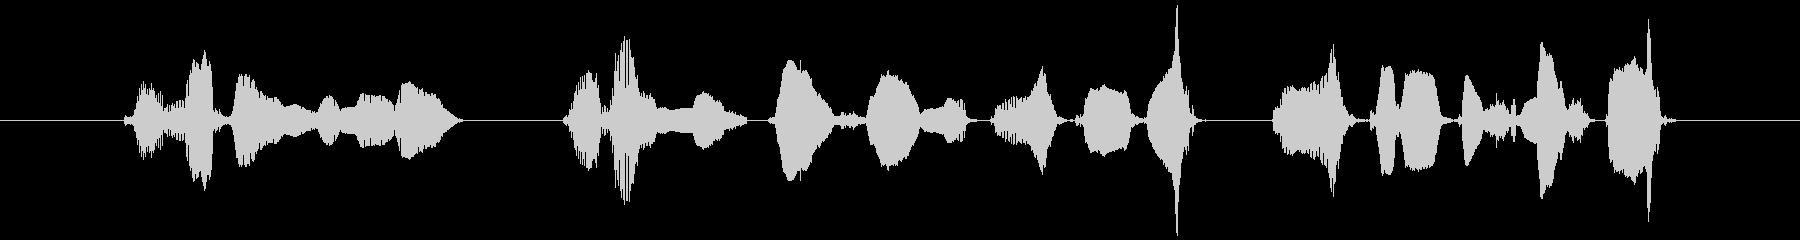 この番組はご覧のスポンサーの提供で~の未再生の波形